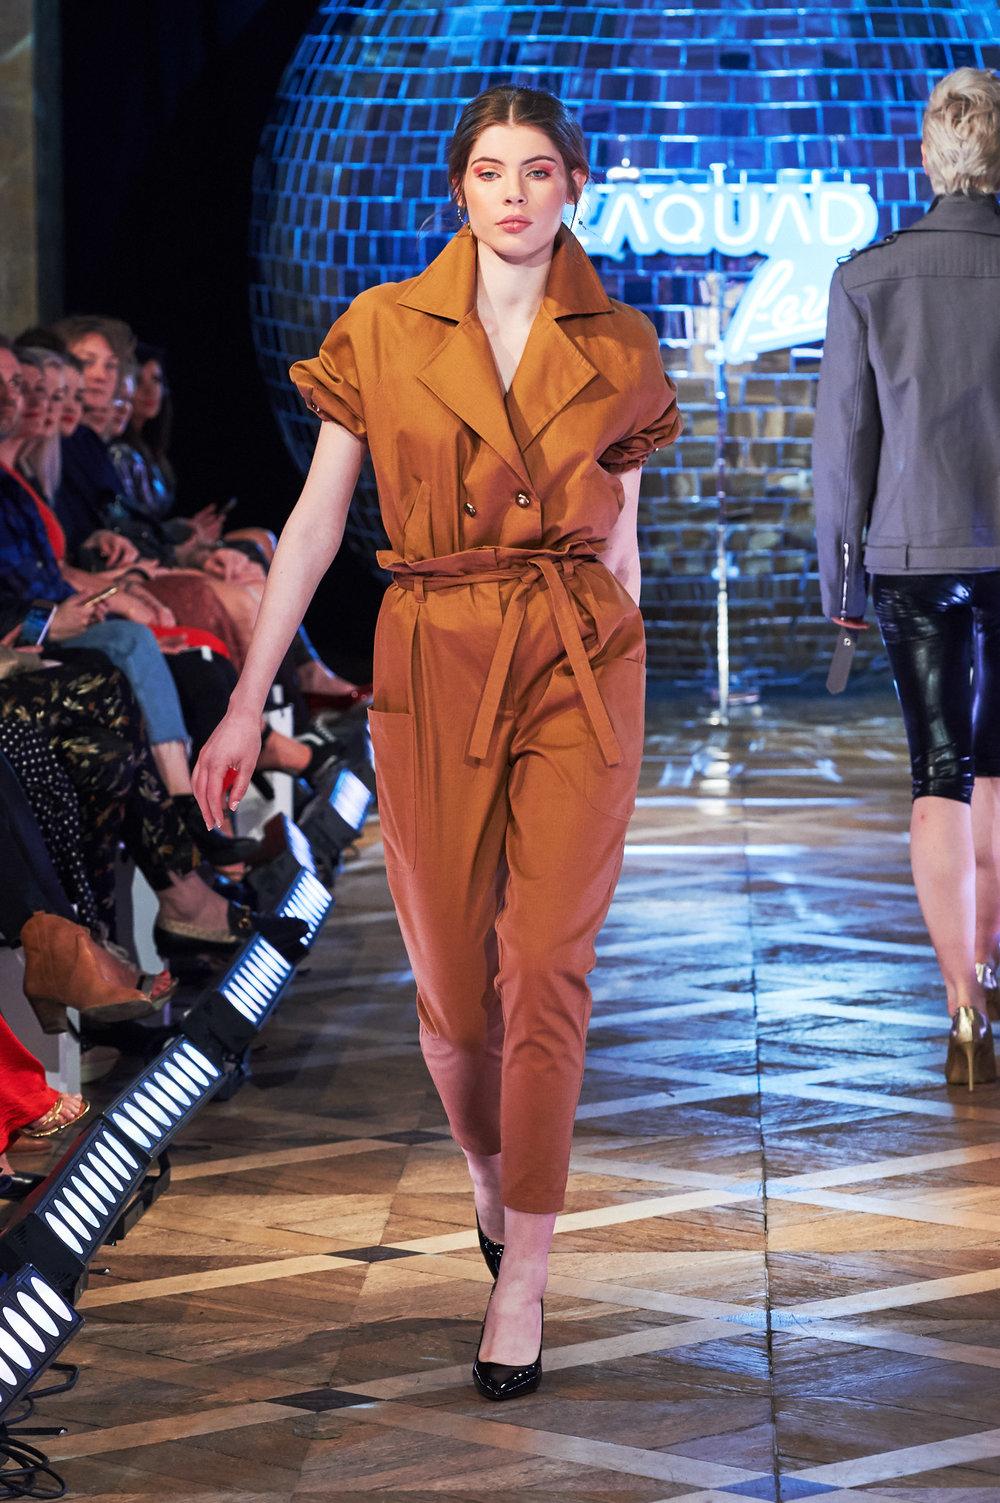 16_ZAQUAD_090519_lowres-fotFilipOkopny-FashionImages.jpg